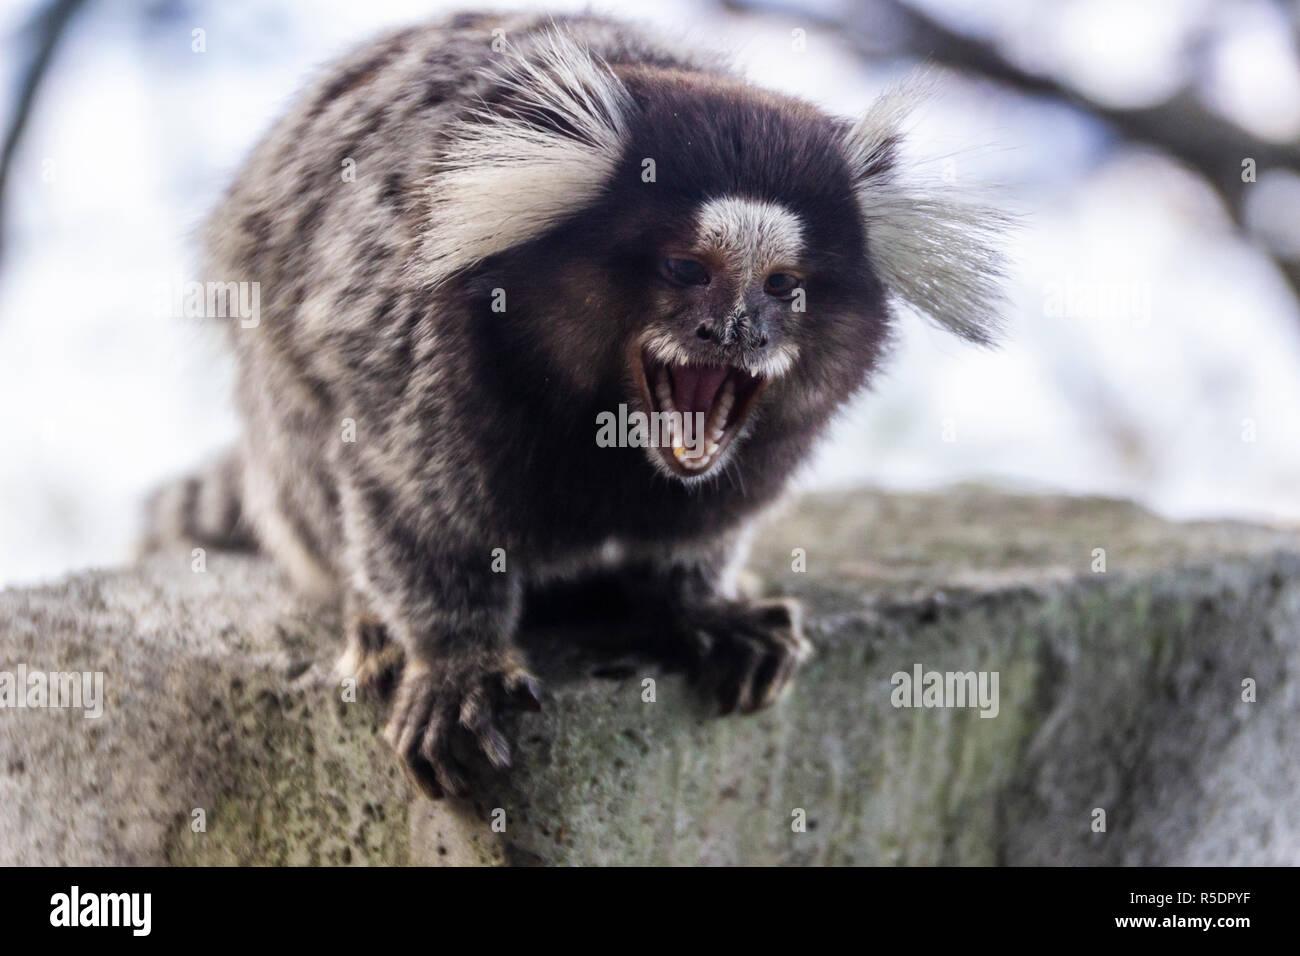 Ein Affe aus dem städtischen Gebieten von Rio do Janeiro in einer aggressiven Haltung während sein Mund öffnen droht uns zeigt uns seinen grossen und Schärfen der Zähne Stockbild